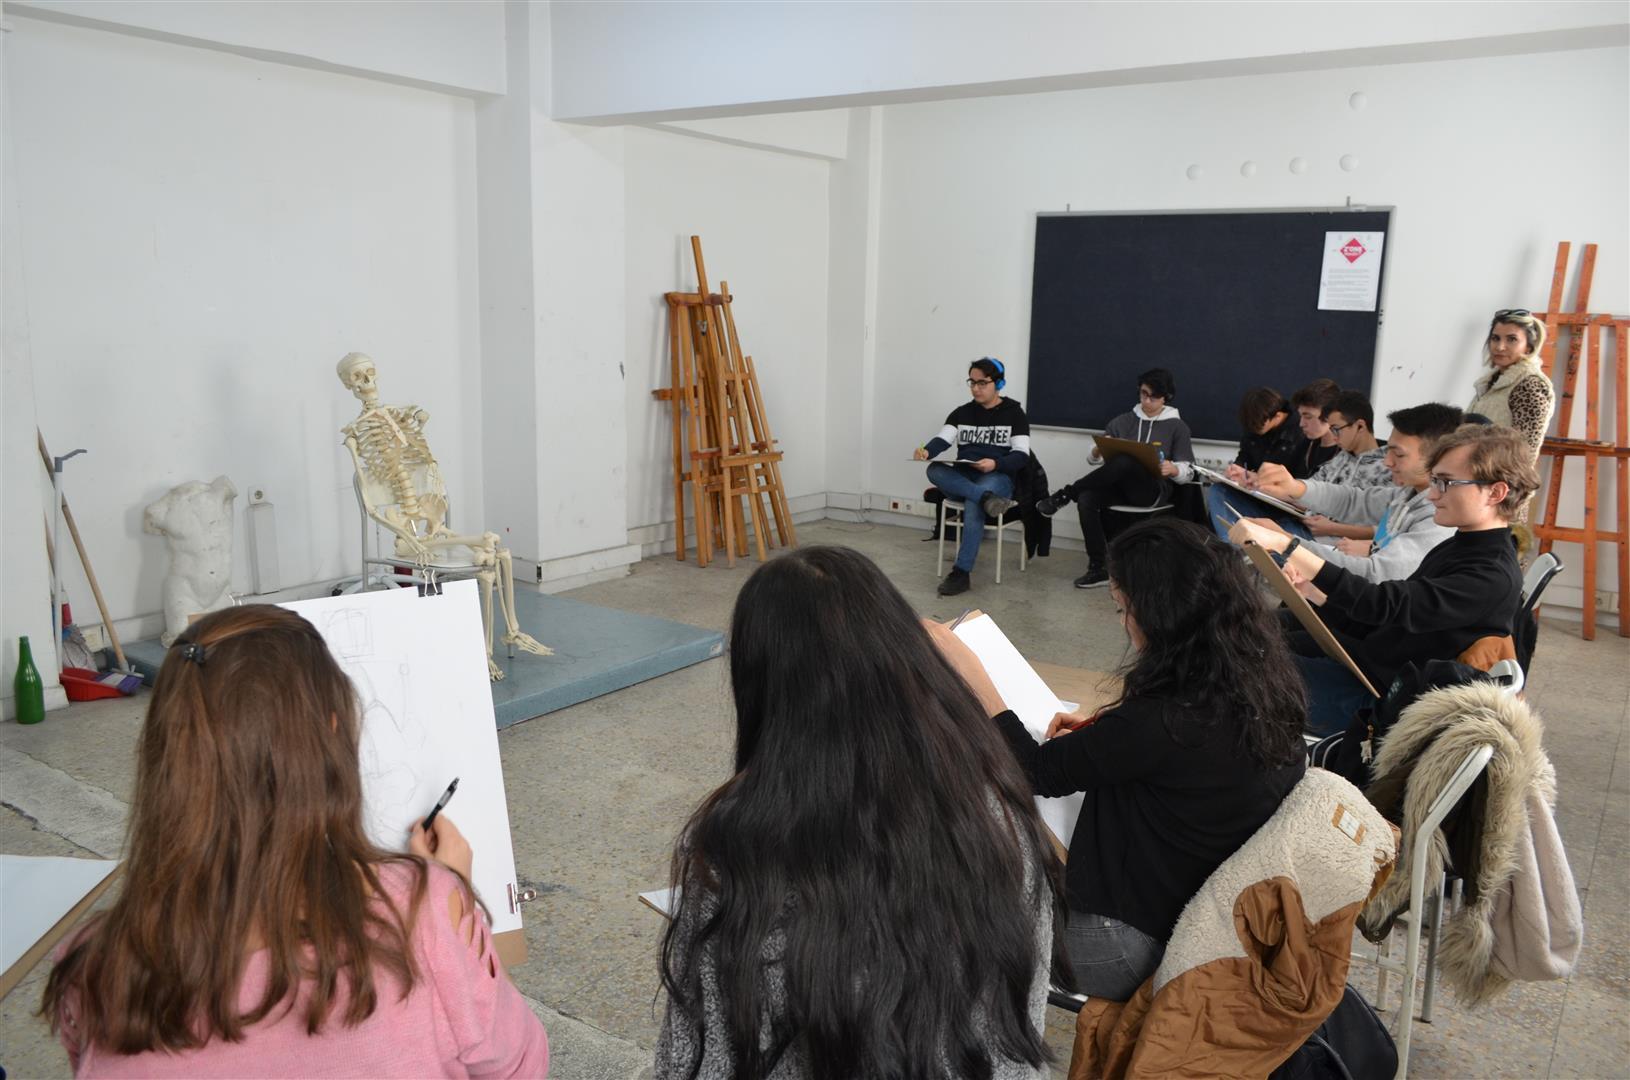 Resim Bölümü Geleceğin Sanatçılarını Ağırladı Resim